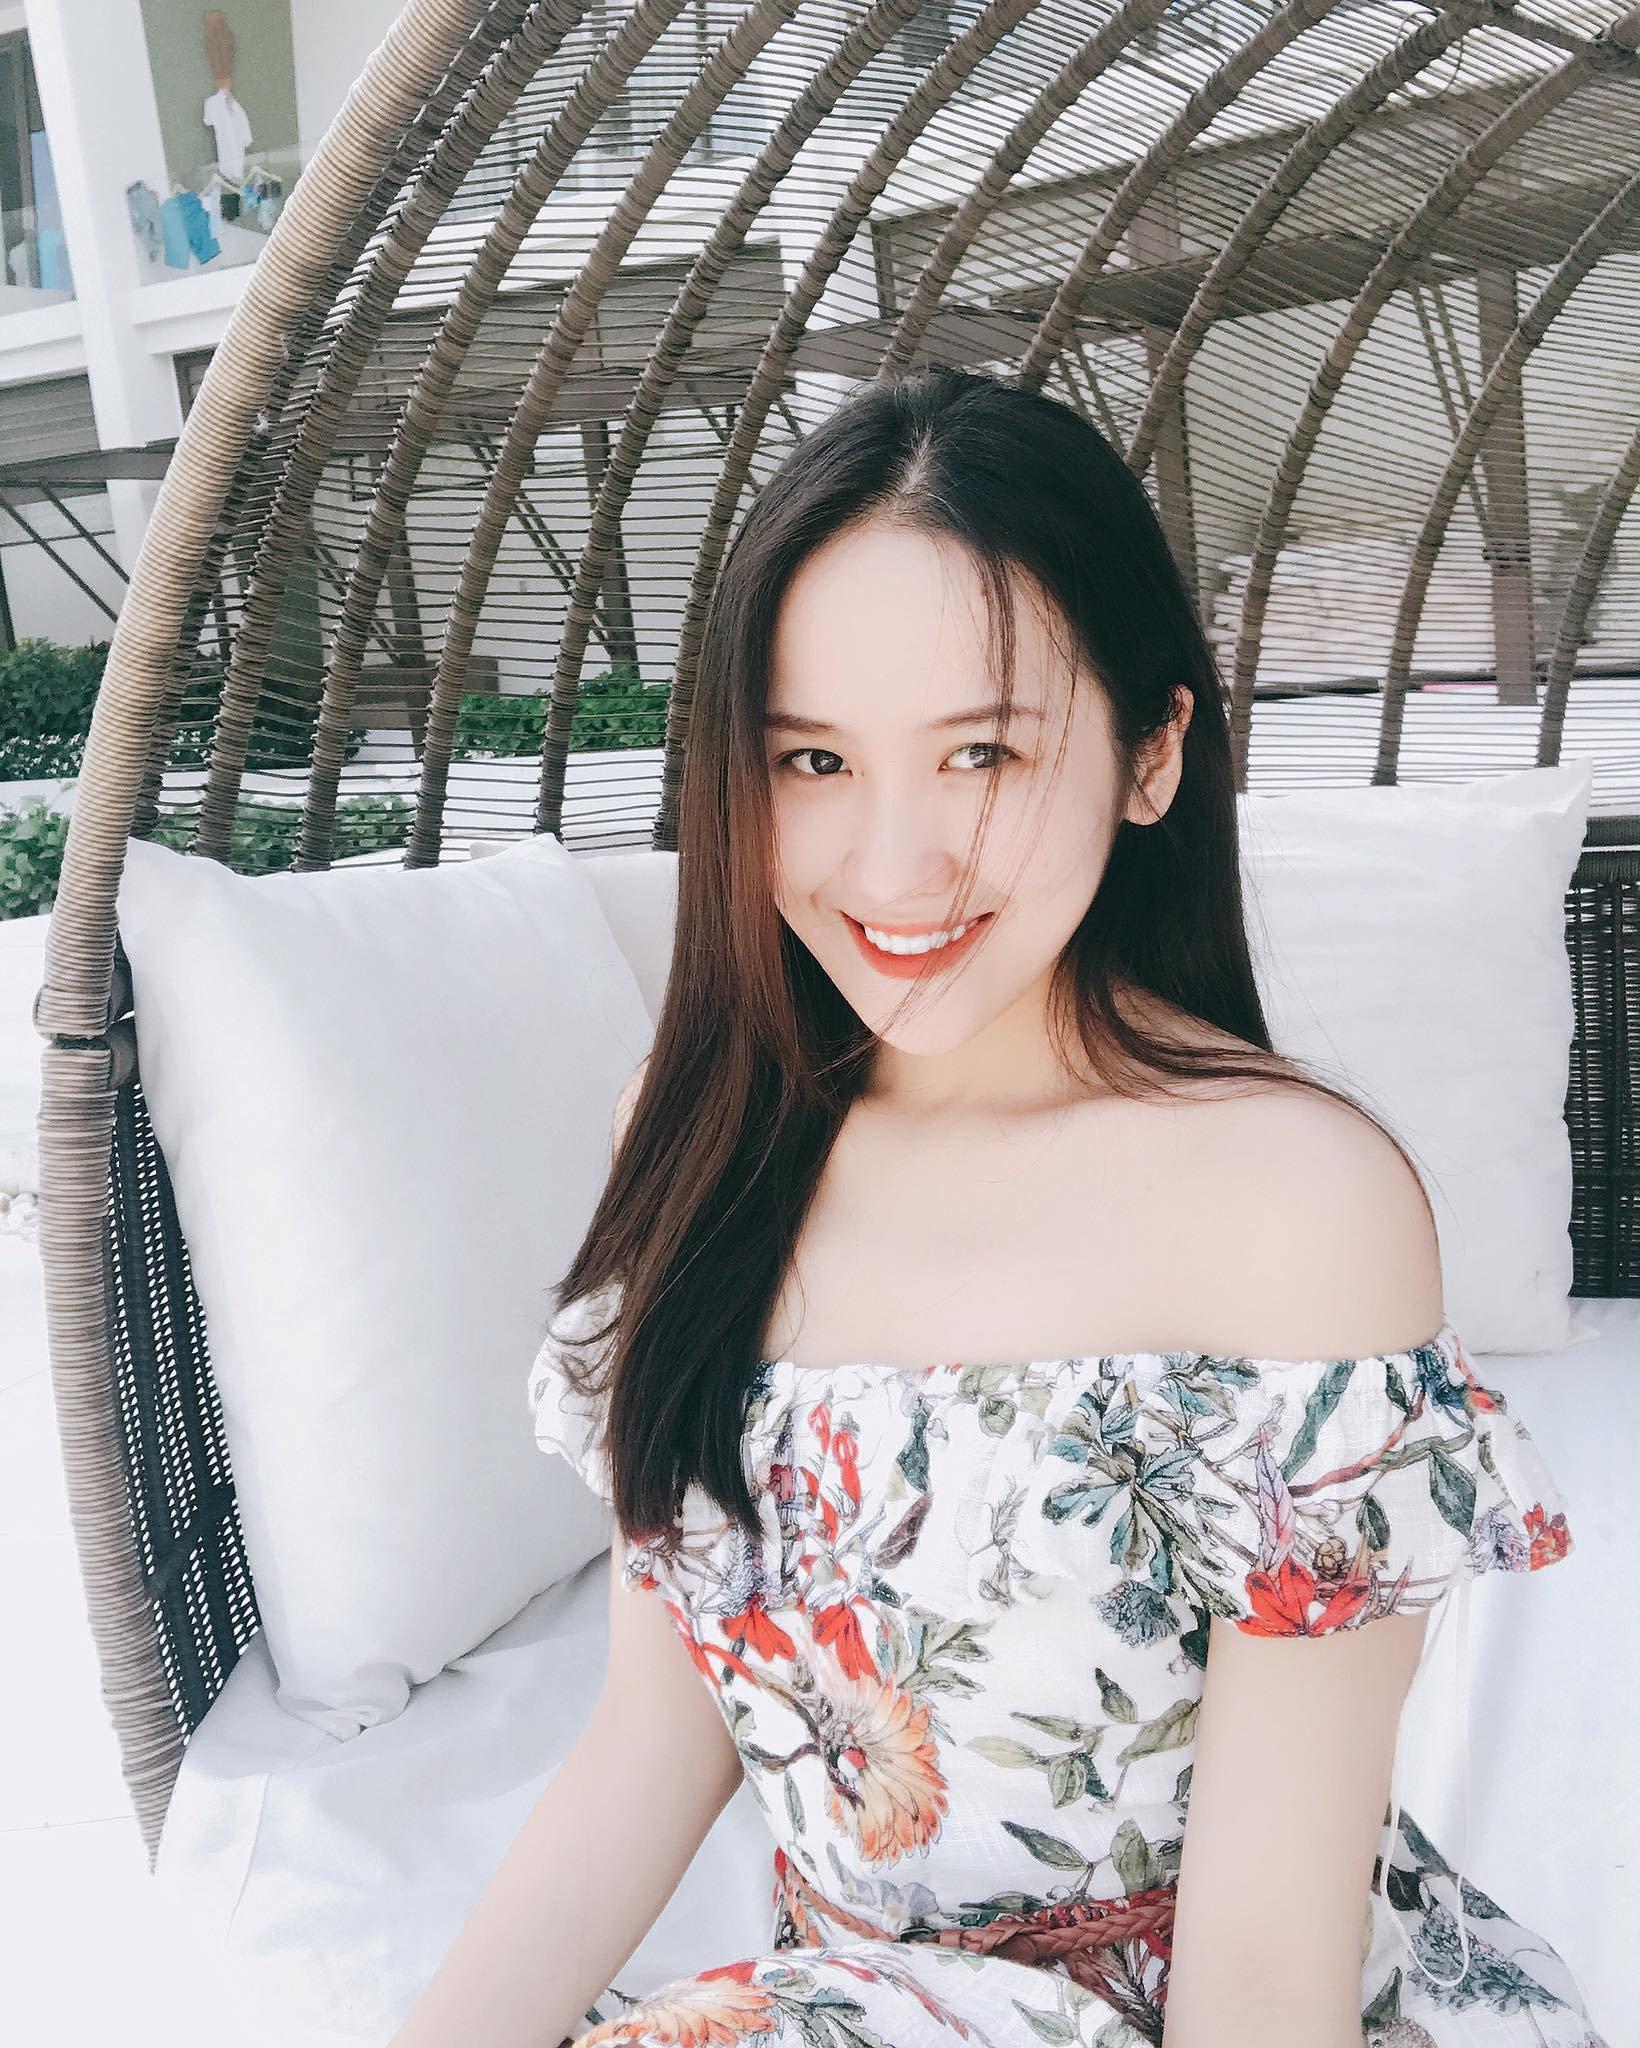 Hội út cưng nổi tiếng trong giới con nhà giàu Việt - Ảnh 6.